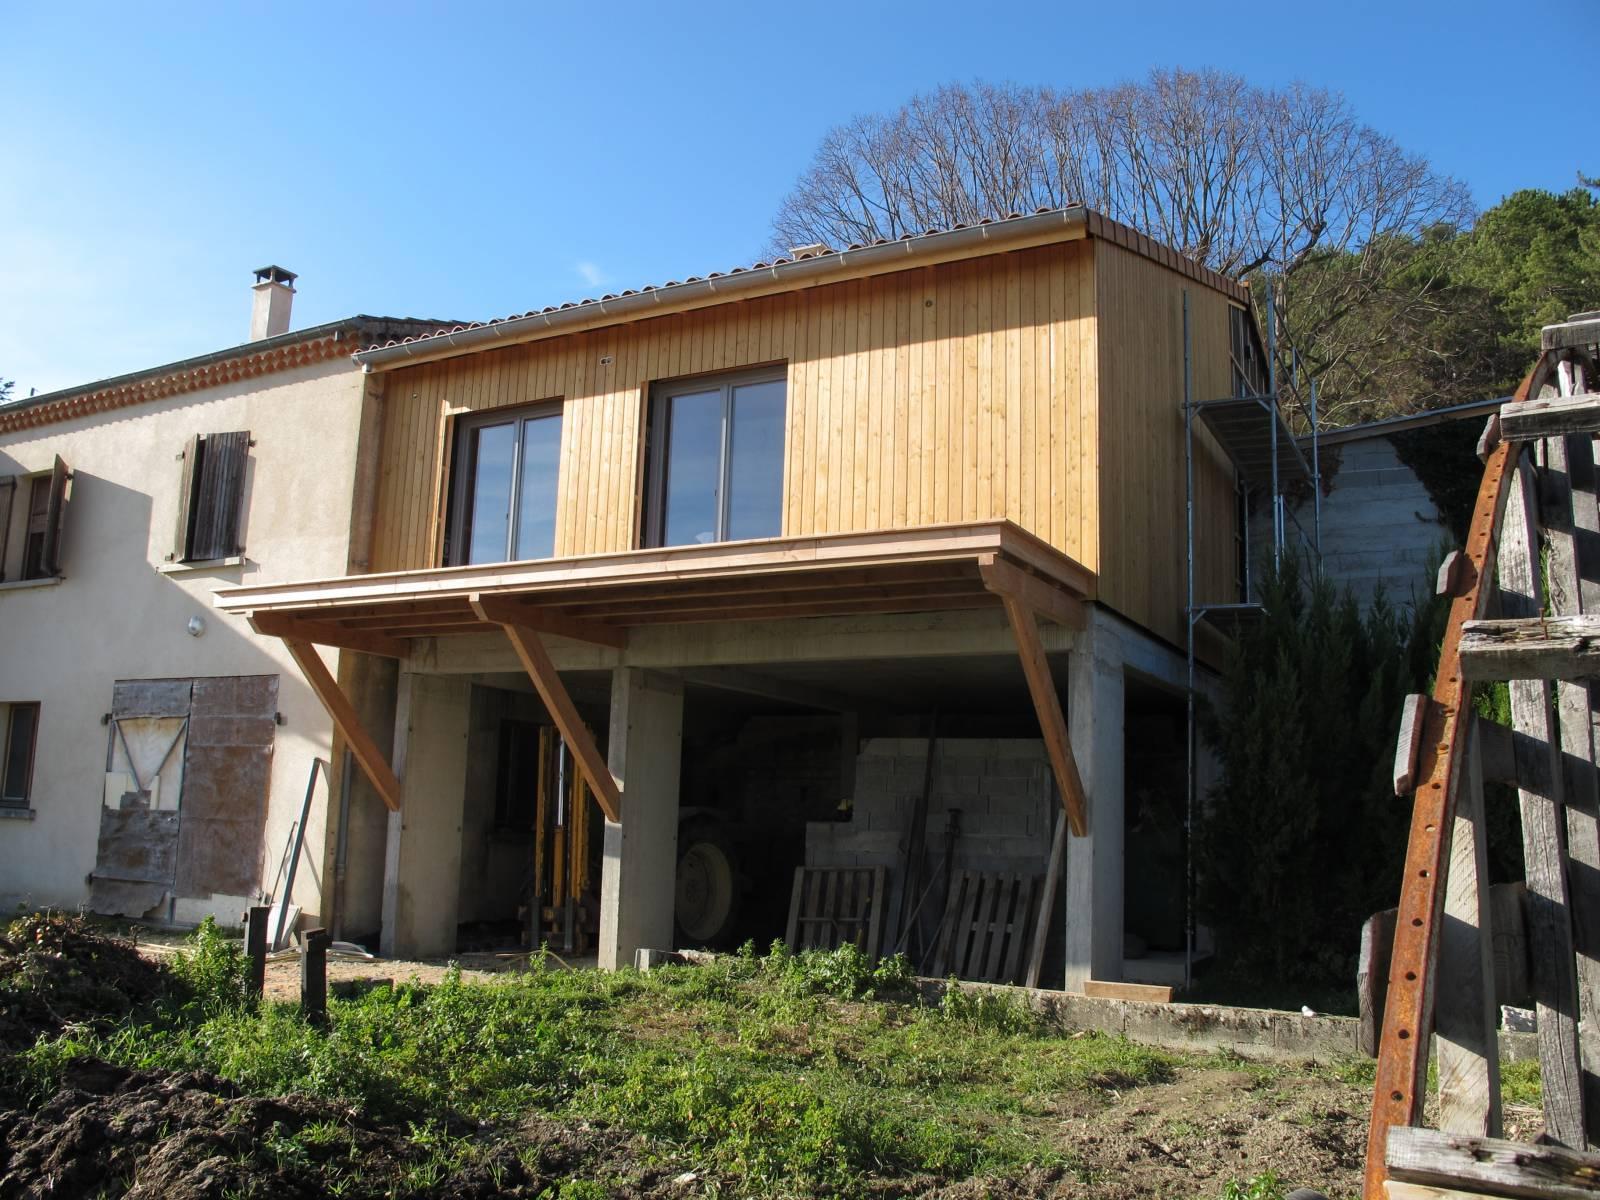 Extension de maison suze 26400 os bois for Extension maison 95